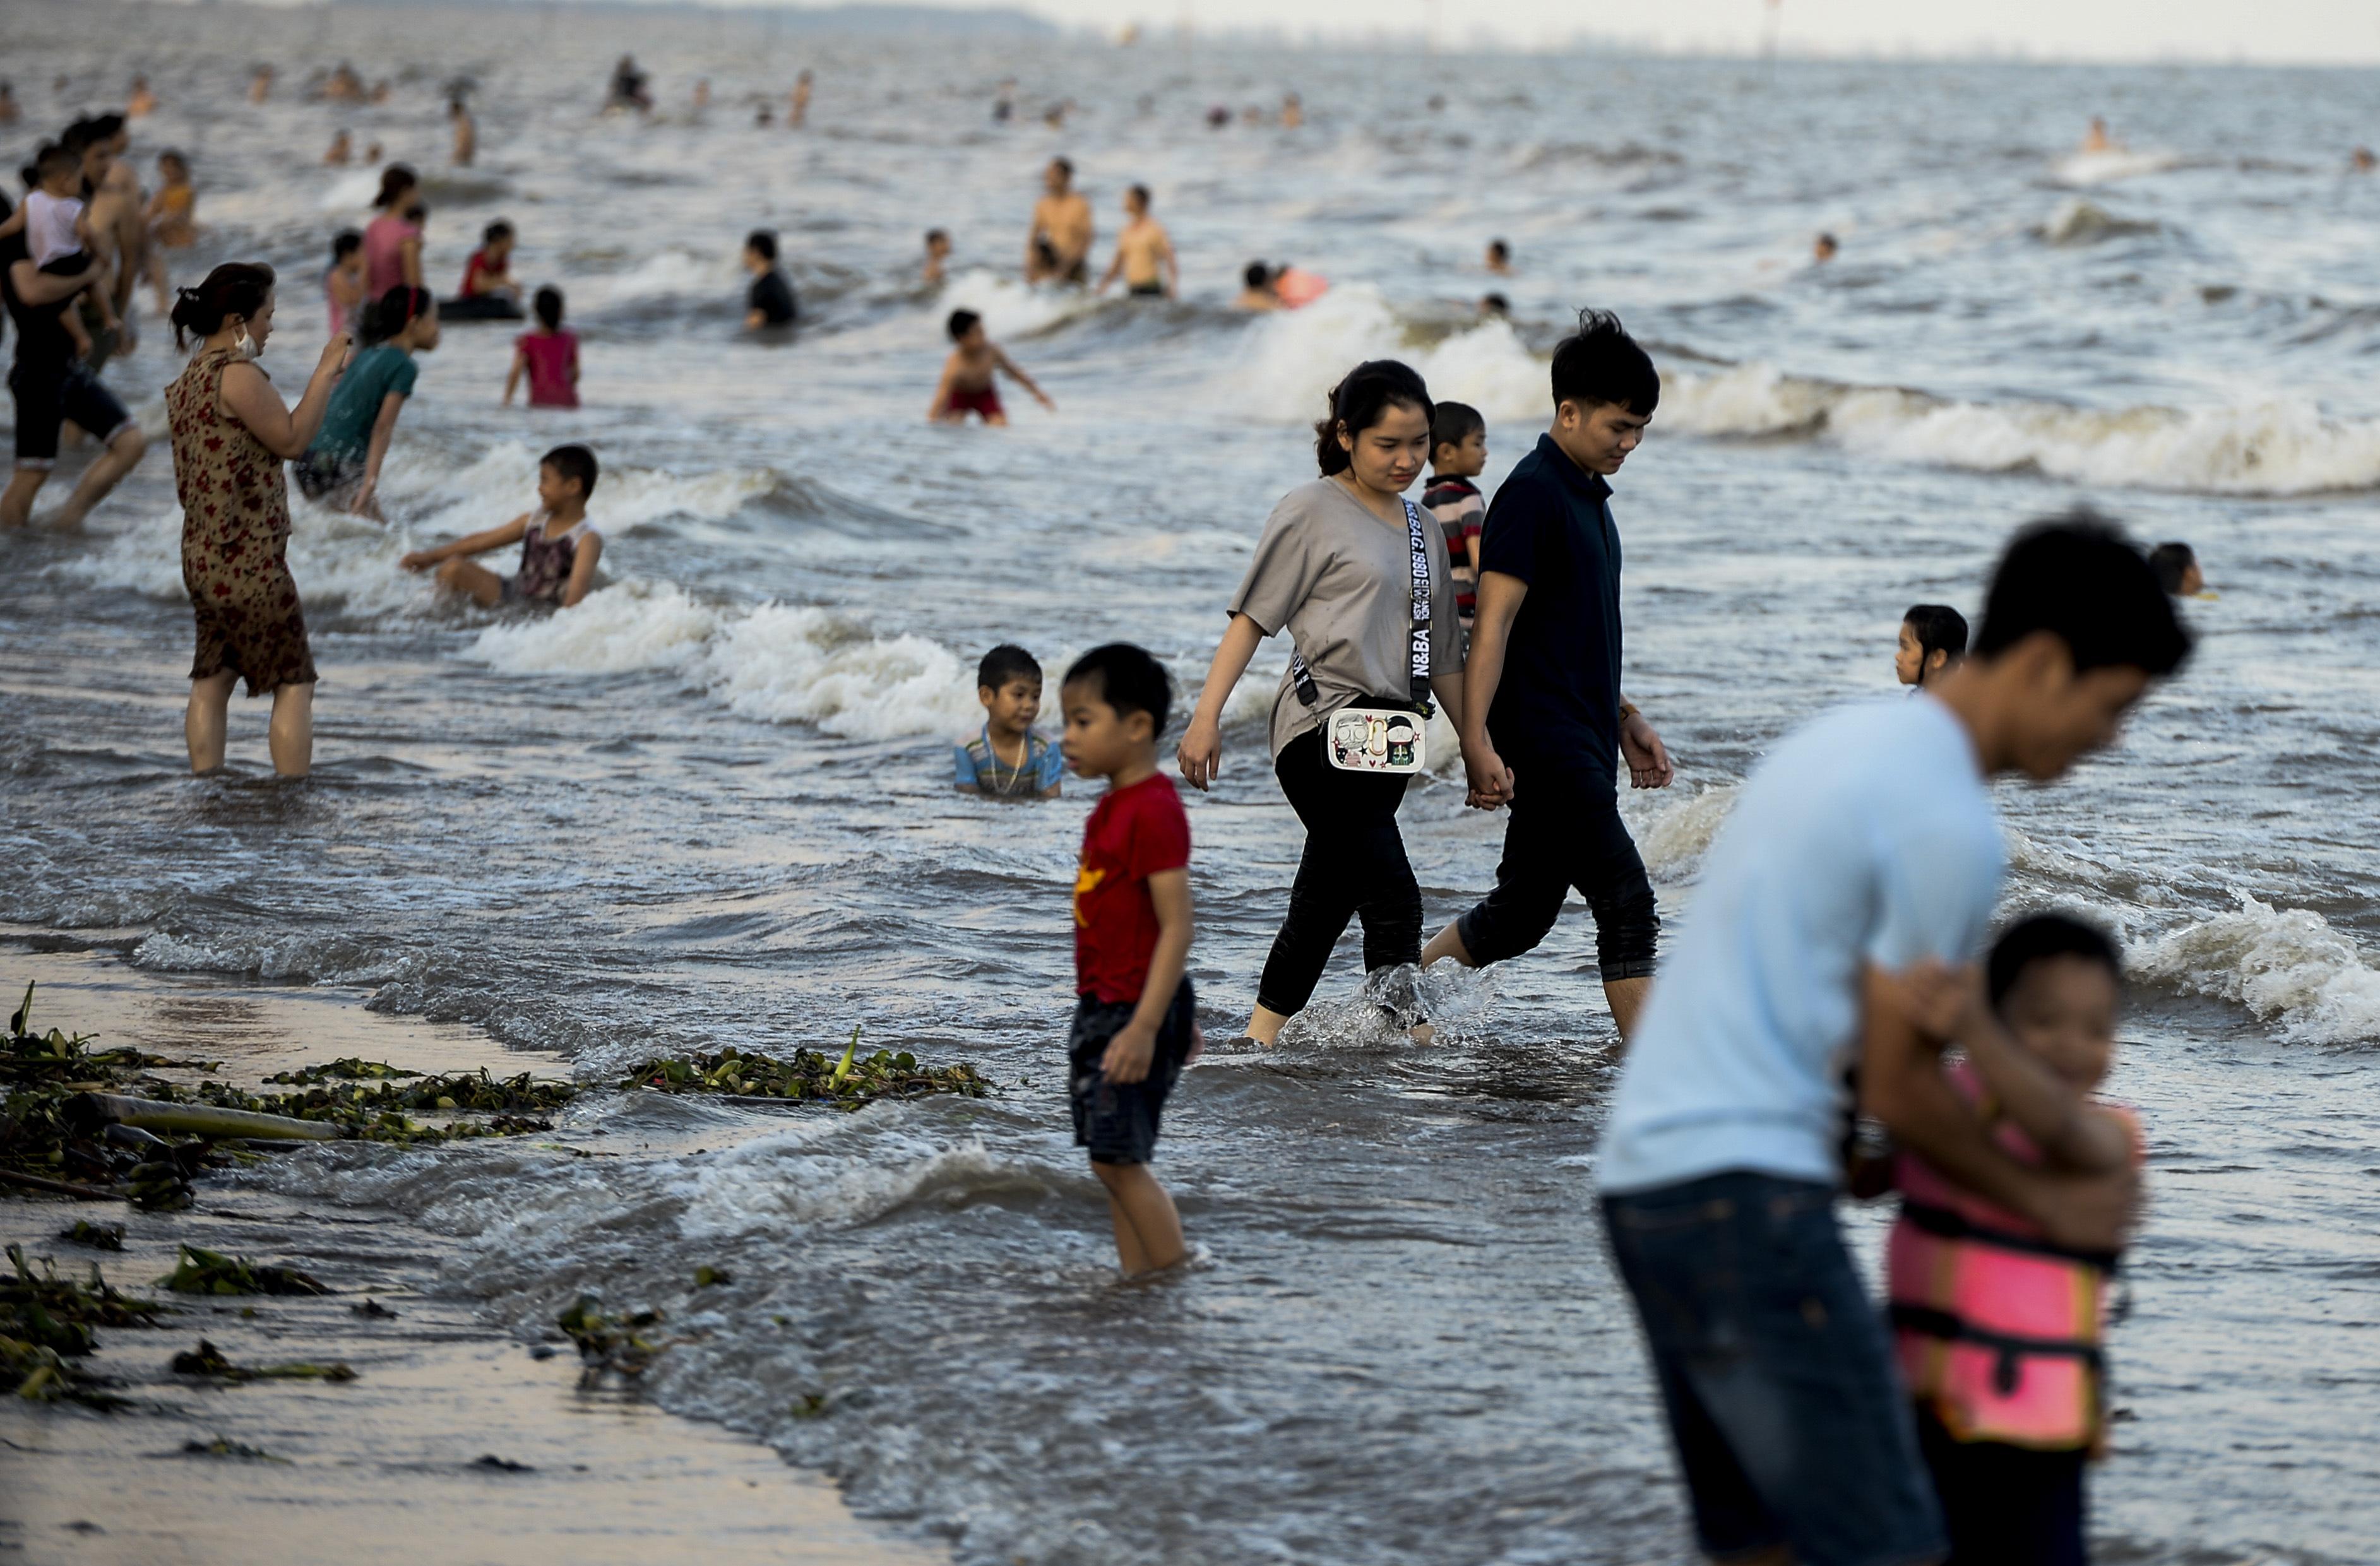 Ngày thứ 3 dịp nghỉ lễ, bãi biển Quất Lâm đông kín người, du khách tắm chung bèo, rác - Ảnh 11.